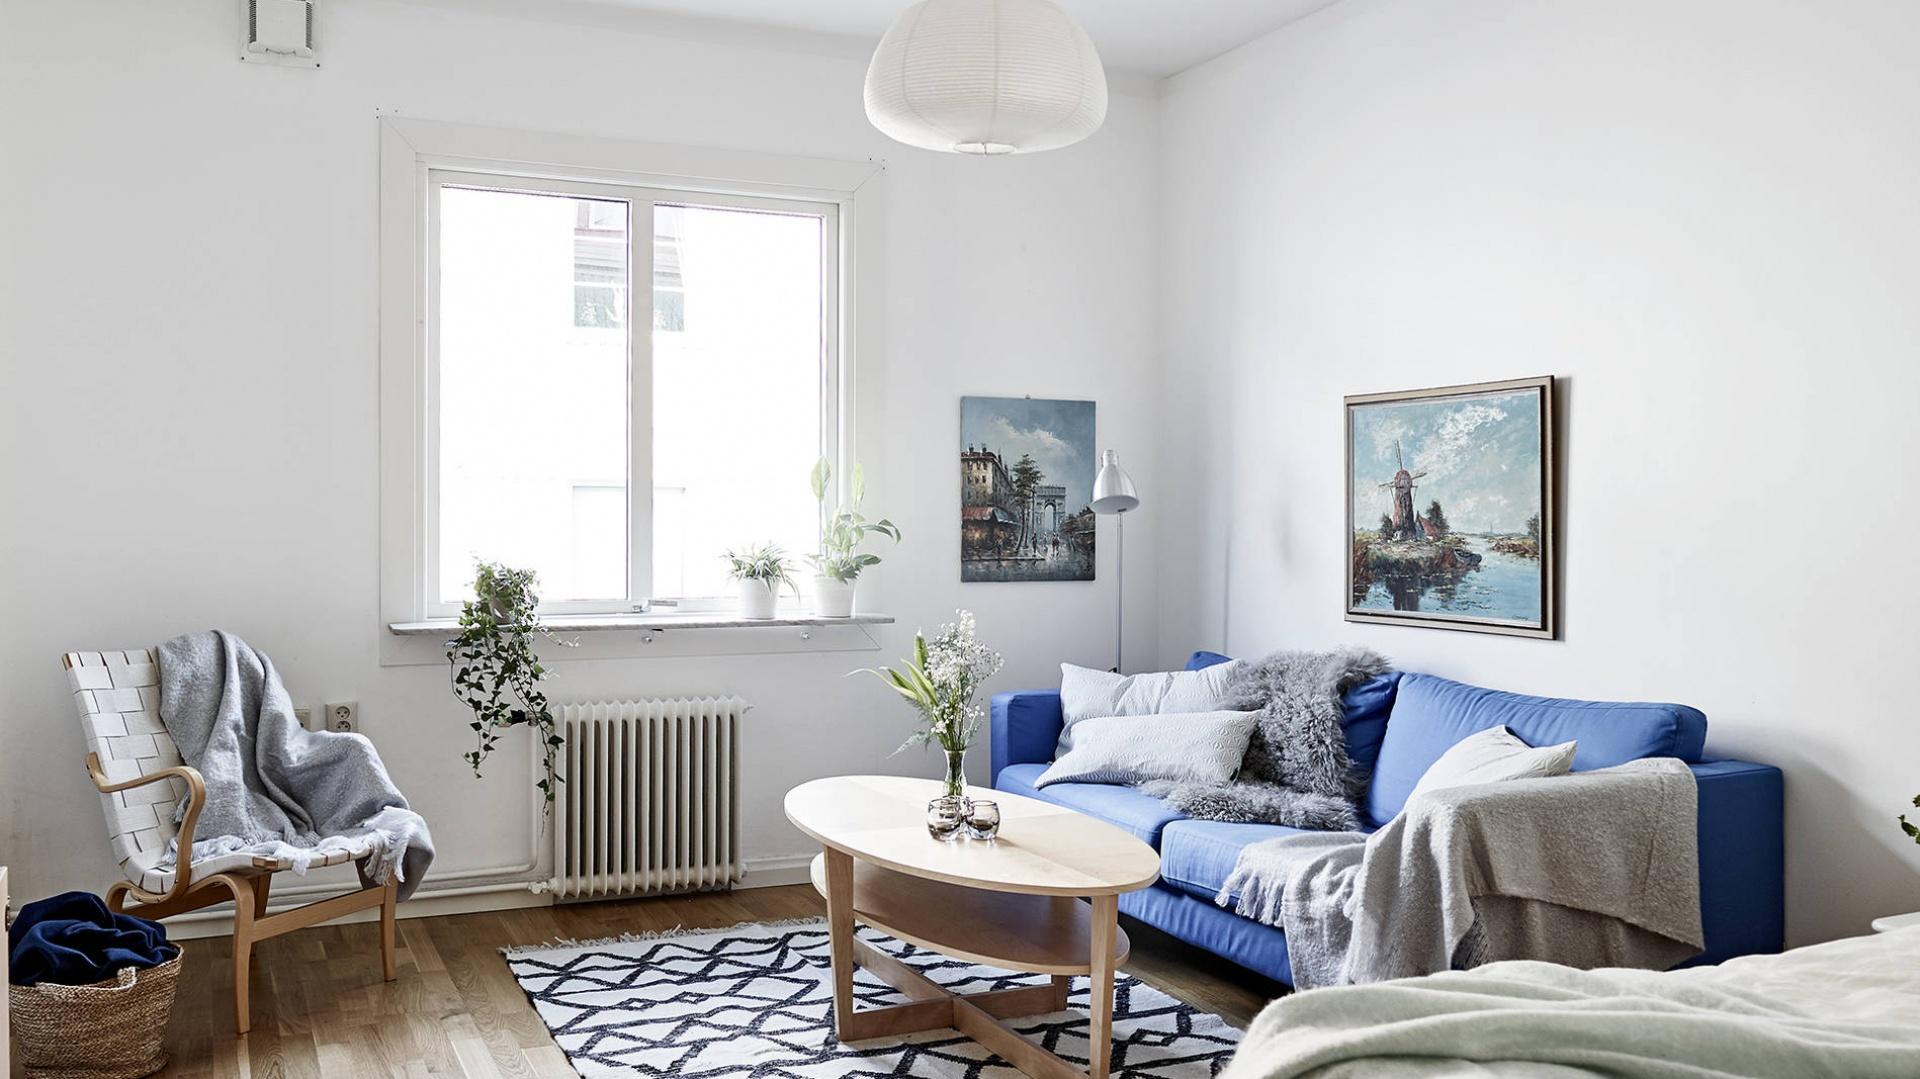 W jednym pomieszczeniu połączono salon i sypialnię, z łóżkiem sypialnianym wpasowanym w róg pomieszczenia. To jednak błękitna kanapa jest centrum całego pokoju, przykuwając wzrok i wprowadzając do wnętrza element koloru. Fot. Stadshem/Janne Olander.